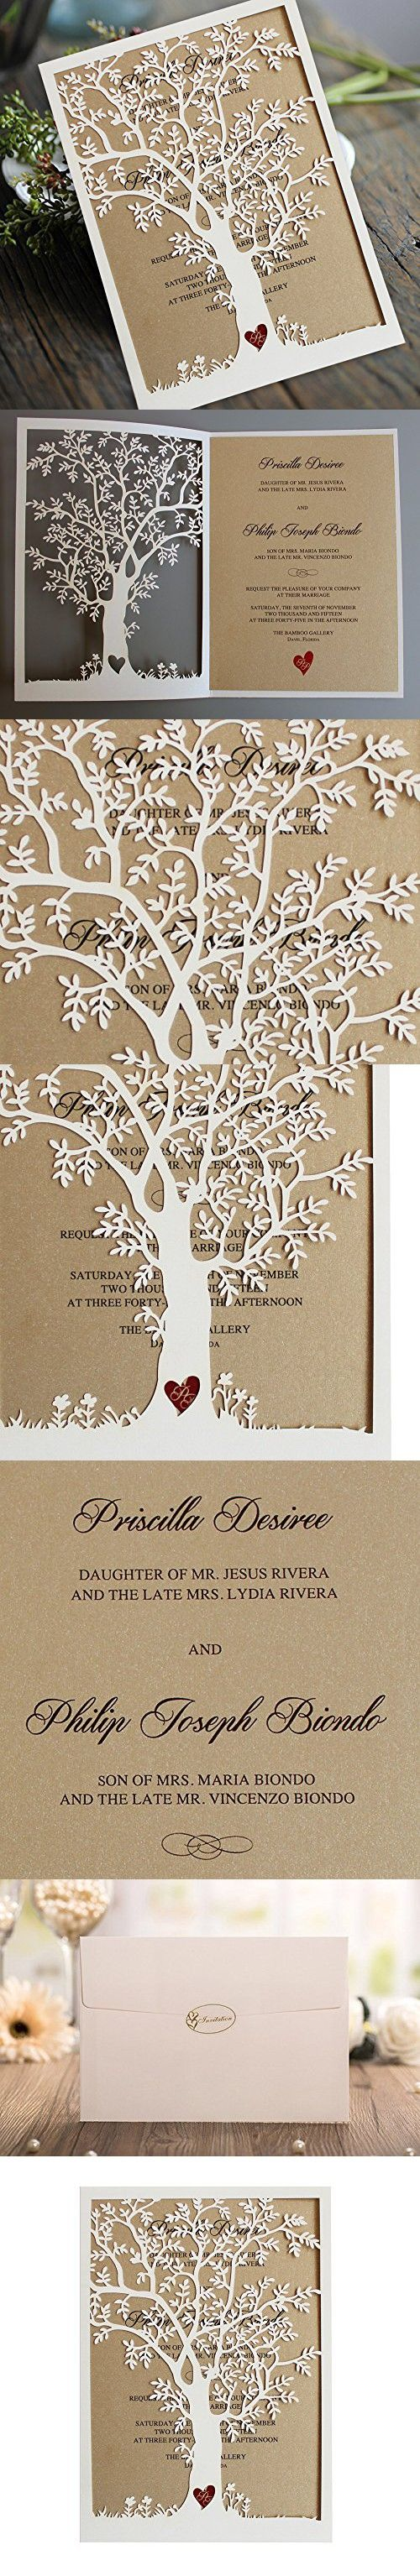 Laser Cut Tree Wedding Invitation, Fall Wedding Invitation Cards, Tree Wedding Invite, Rustic Wedding Invitations, Autumn Wedding Tree - Pack of 50